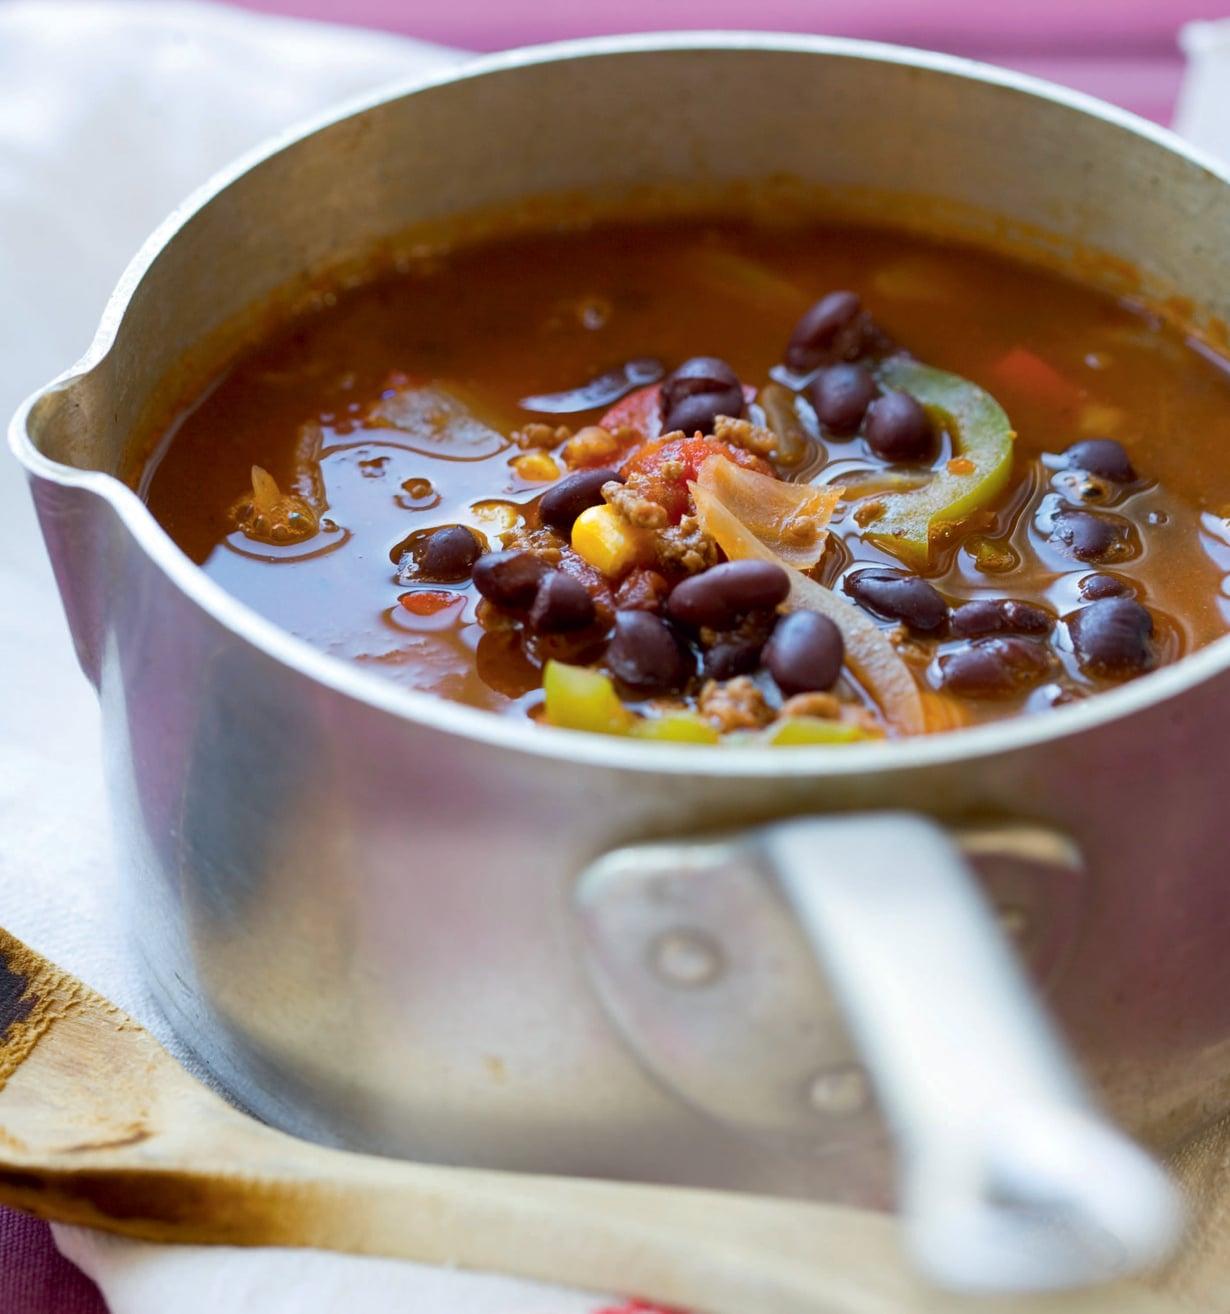 Keiton kruunaa nokare smetanaa. Jeeran sijaan voit maustaa keittoa kuminalla.